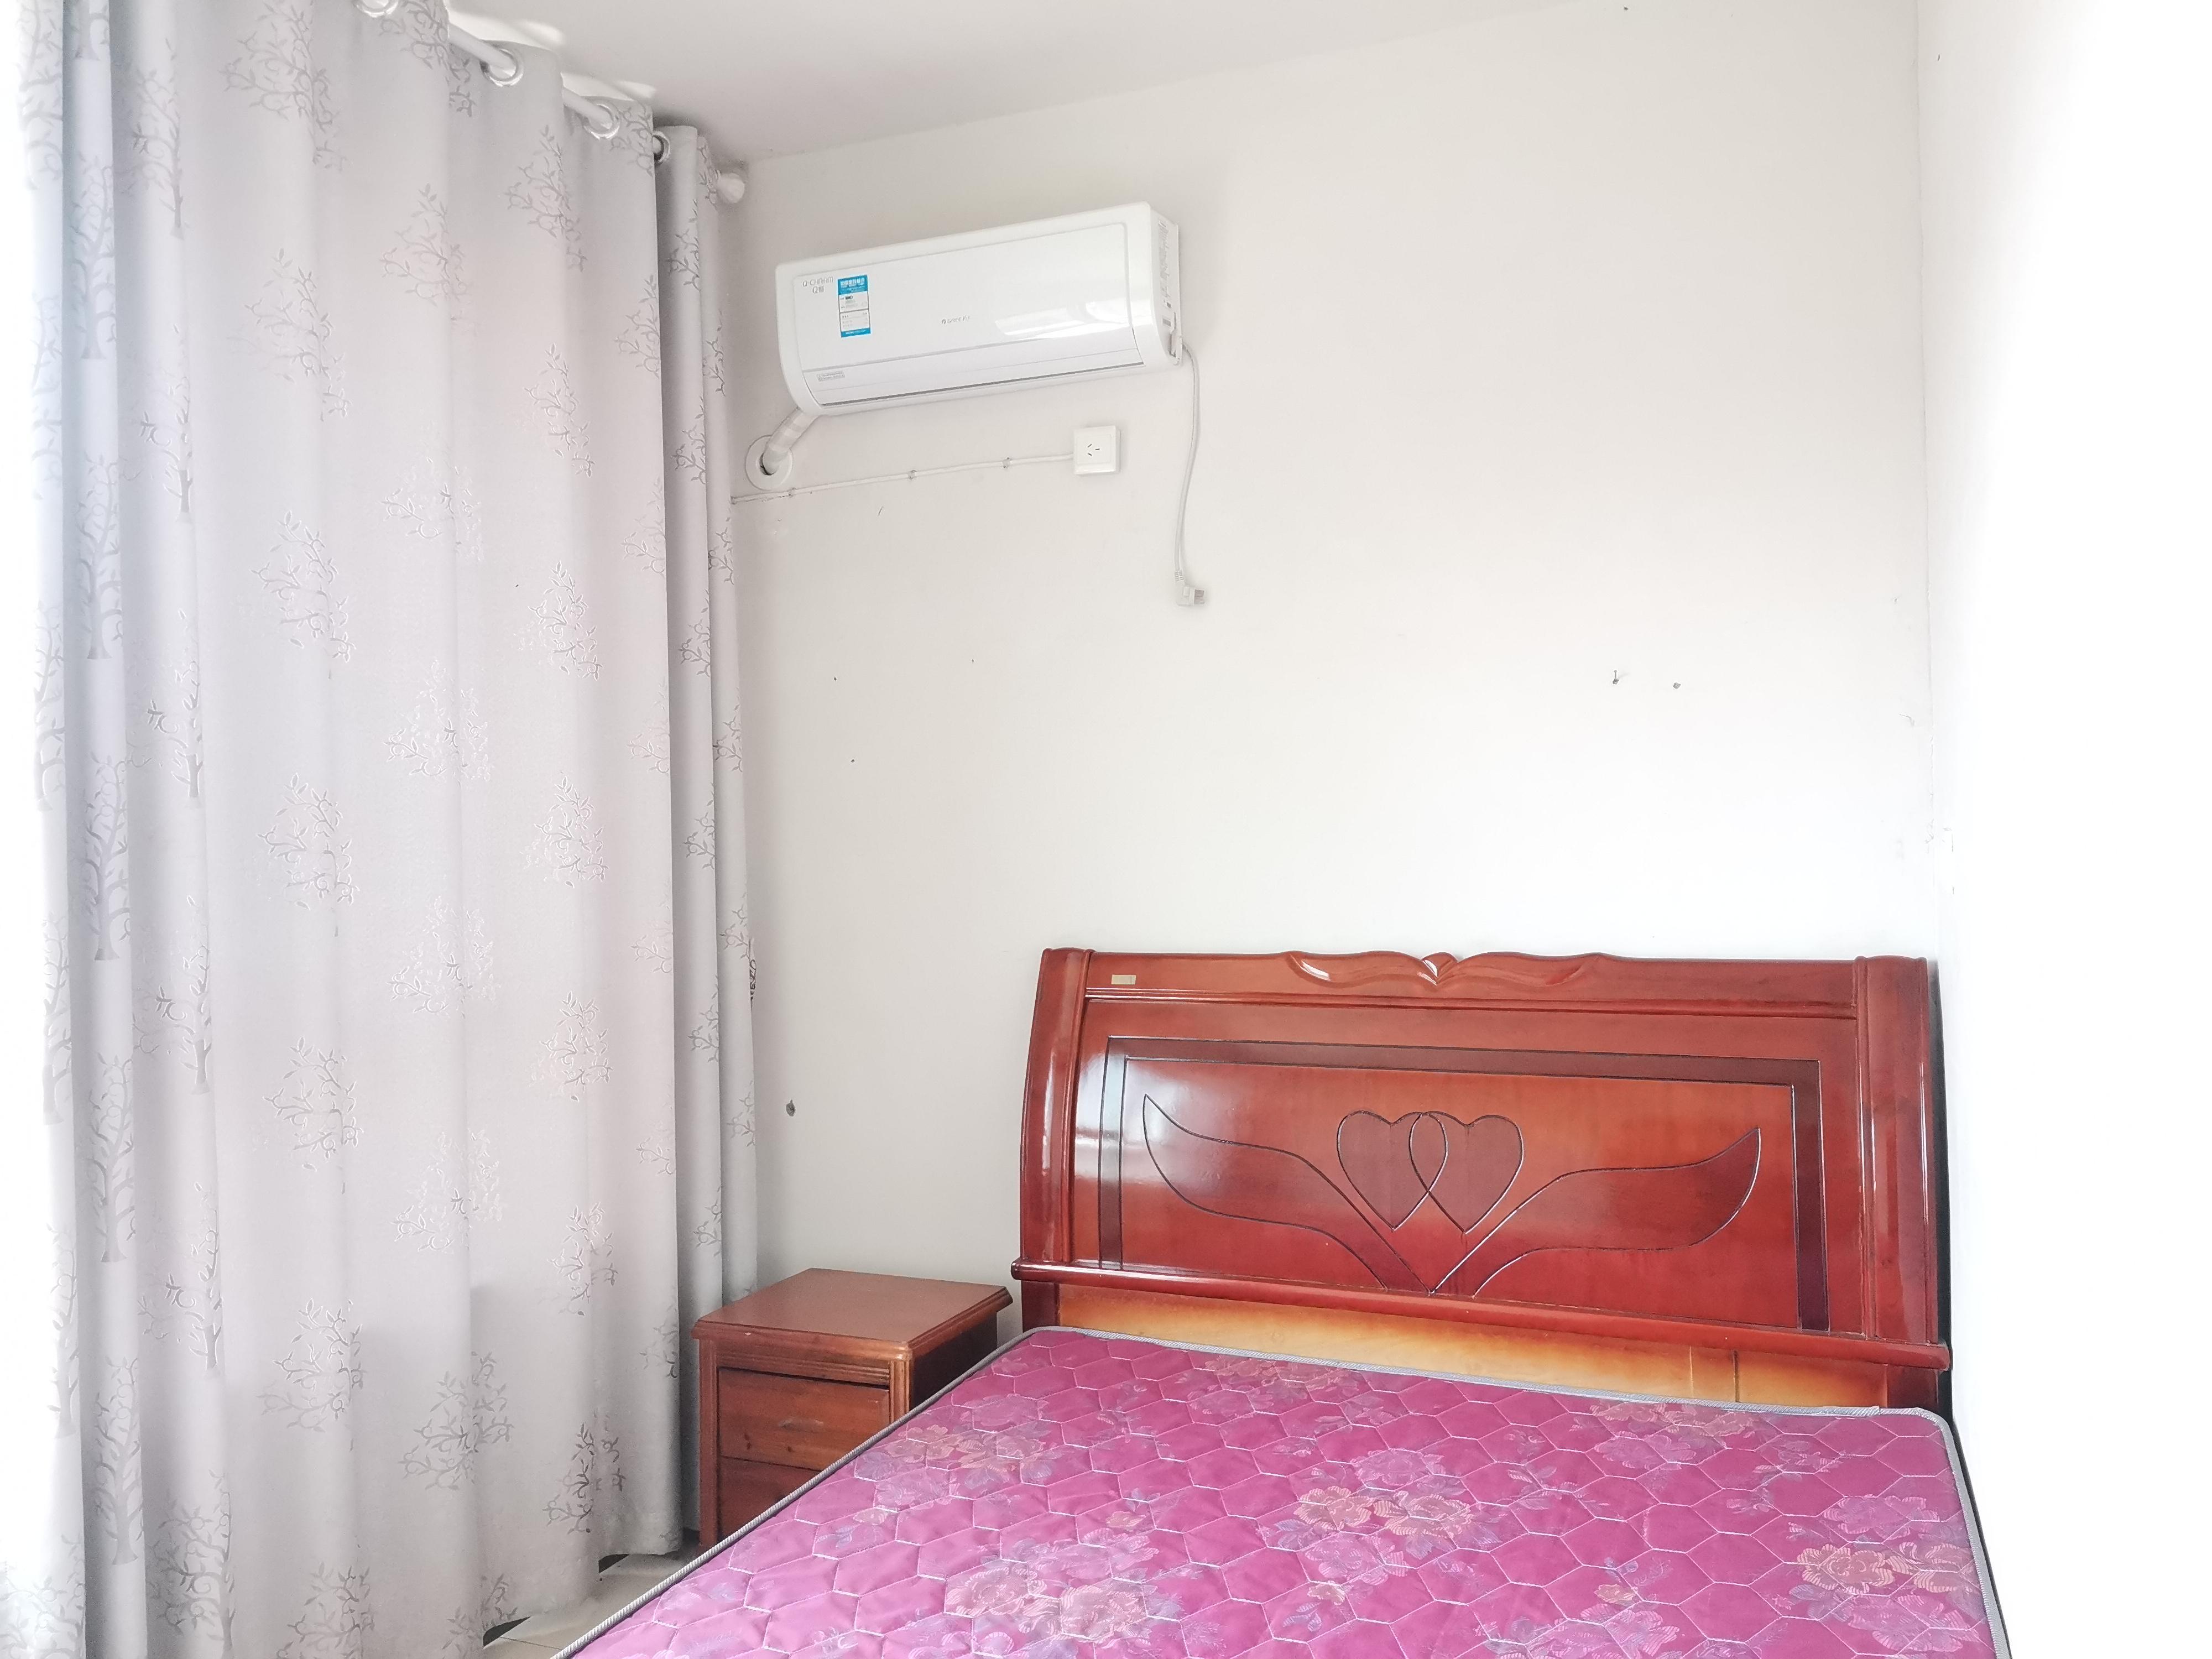 百分百真房源 梅林国际 近一中 2室2厅大阳台 家具家电齐全拎包入住